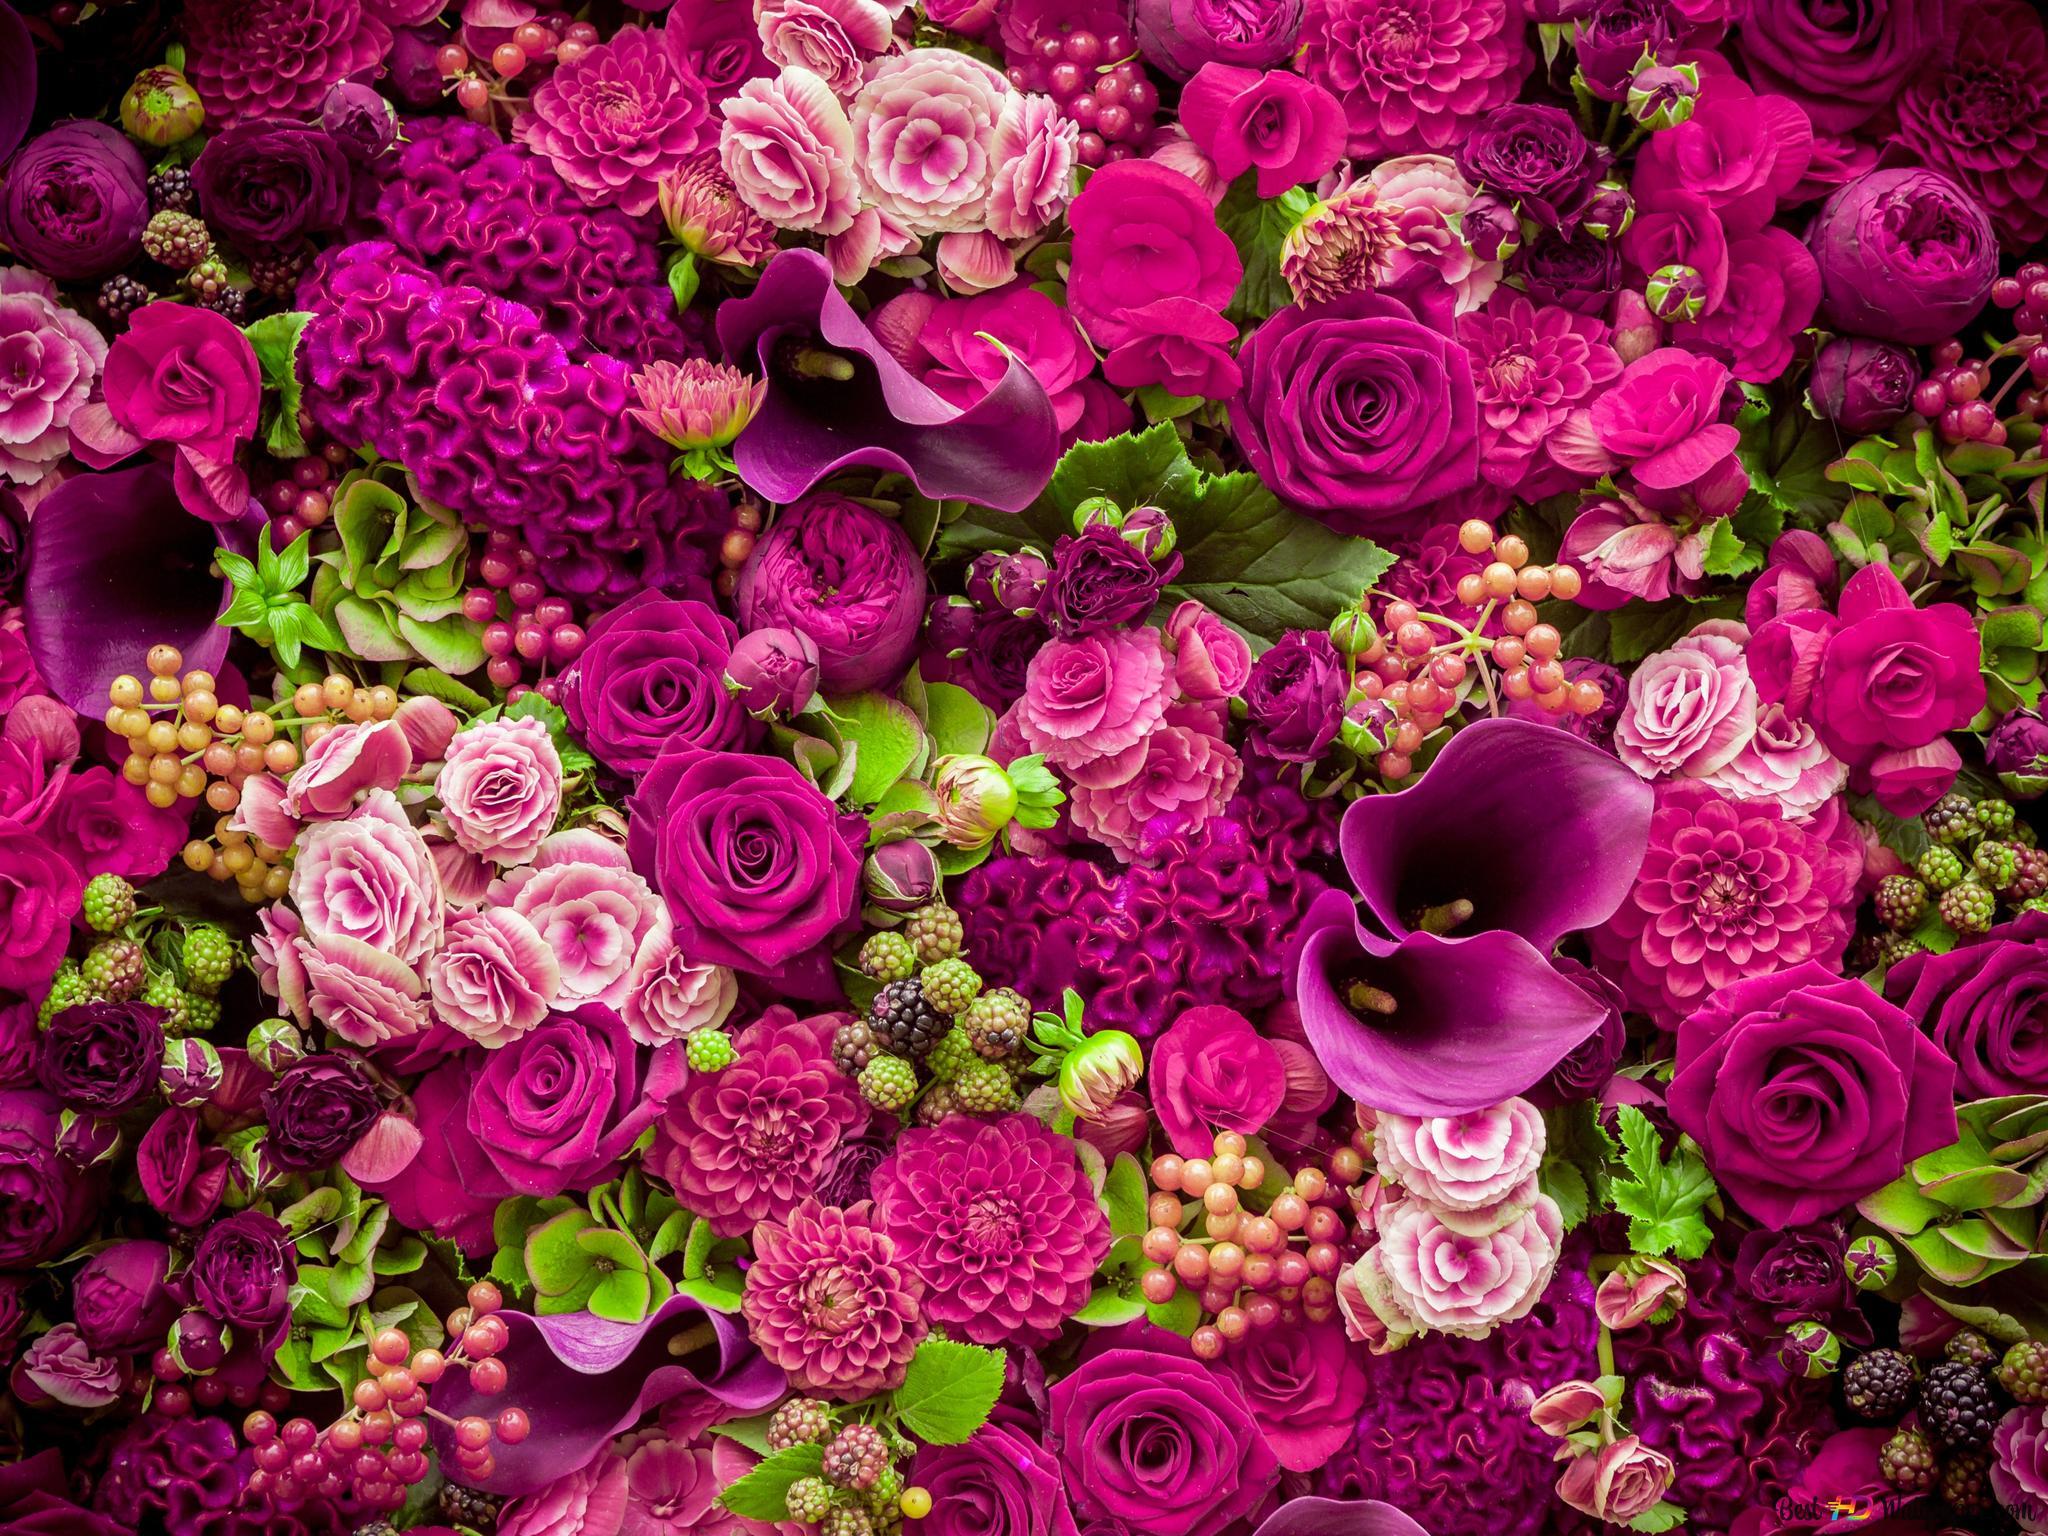 Fiori Wallpaper.Bella Fiori Rosa Mazzo Download Di Sfondi Hd